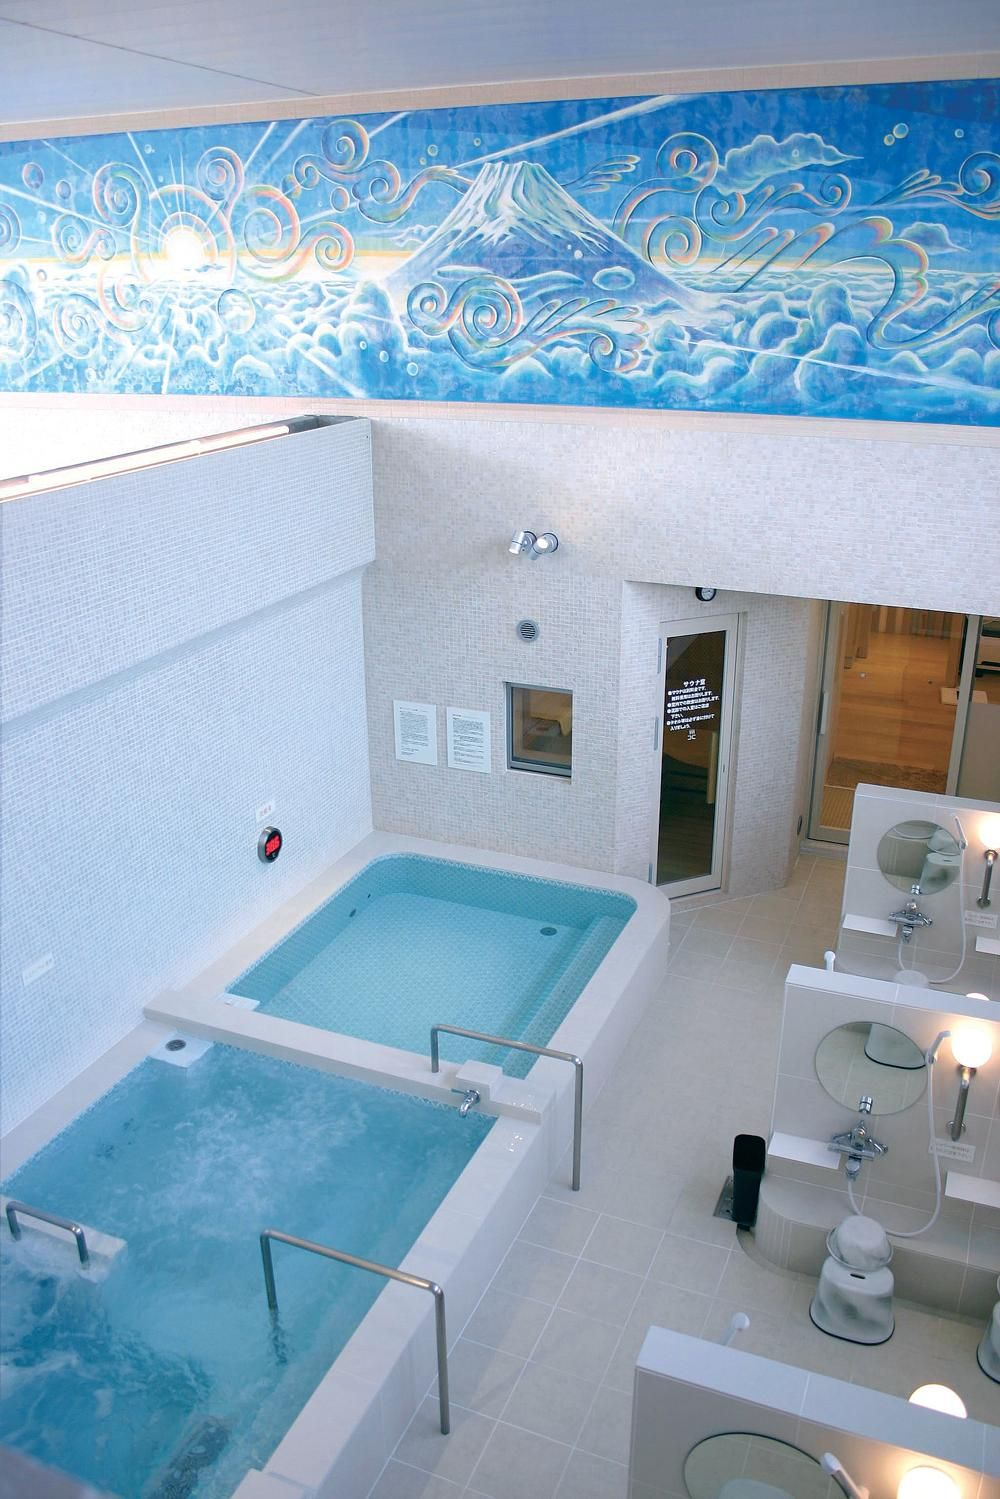 光明泉 [目黒区]炭酸泉、露天有り | Sento | Pinterest | Japan, Bath ...